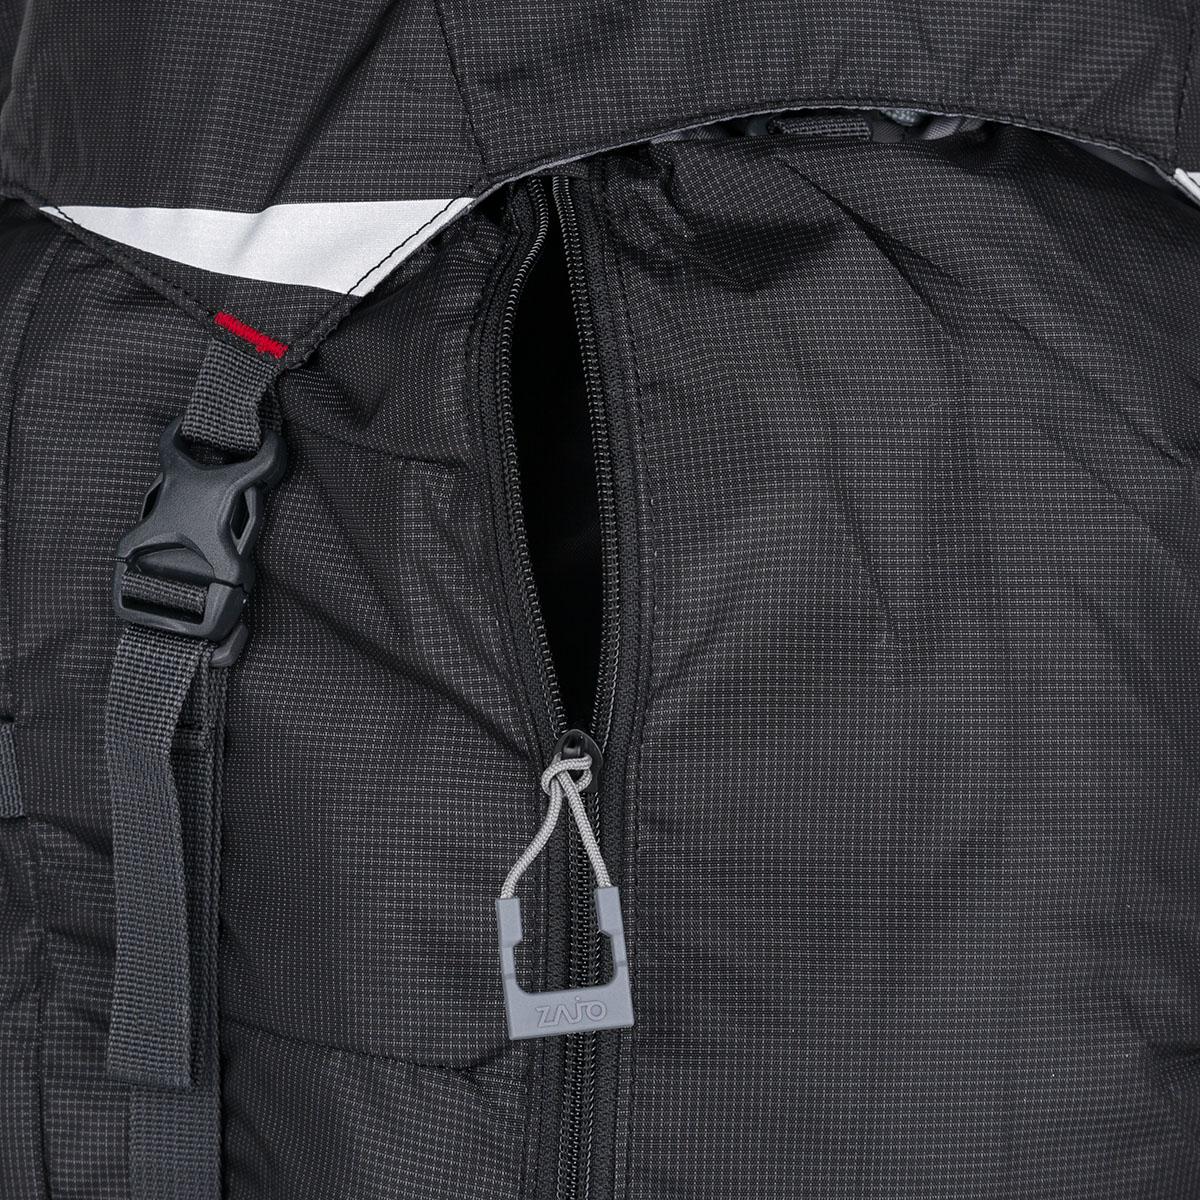 Lhotse 52 Backpack 7